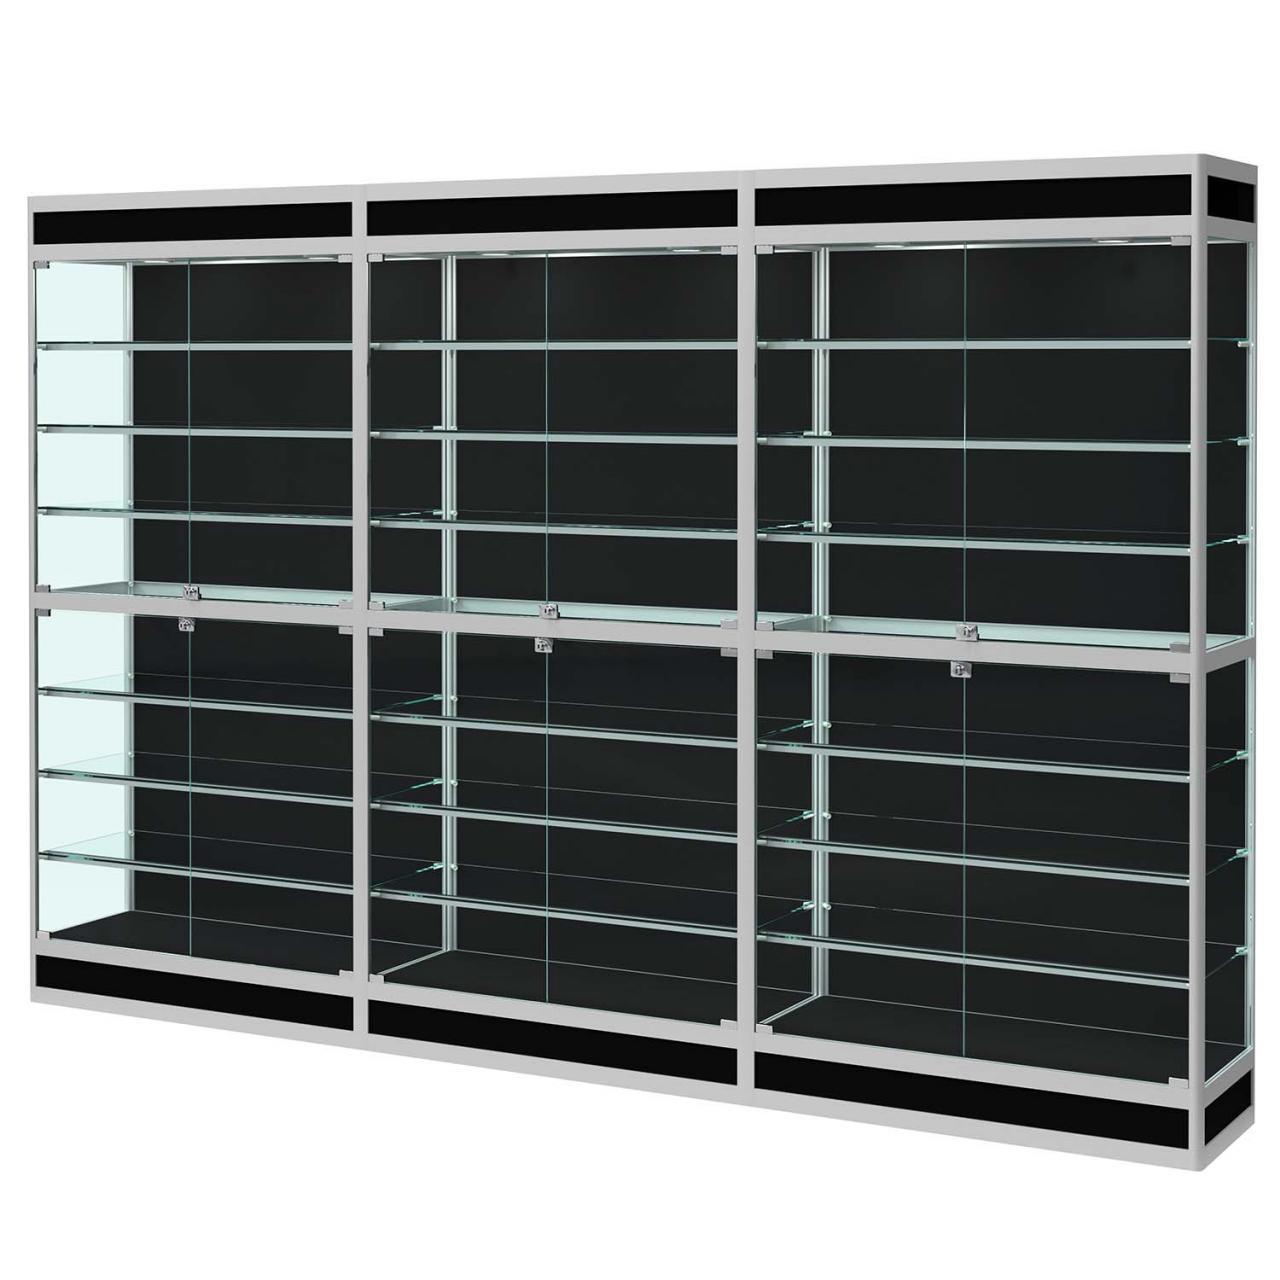 Табачная витрина ВППД-300.40Т